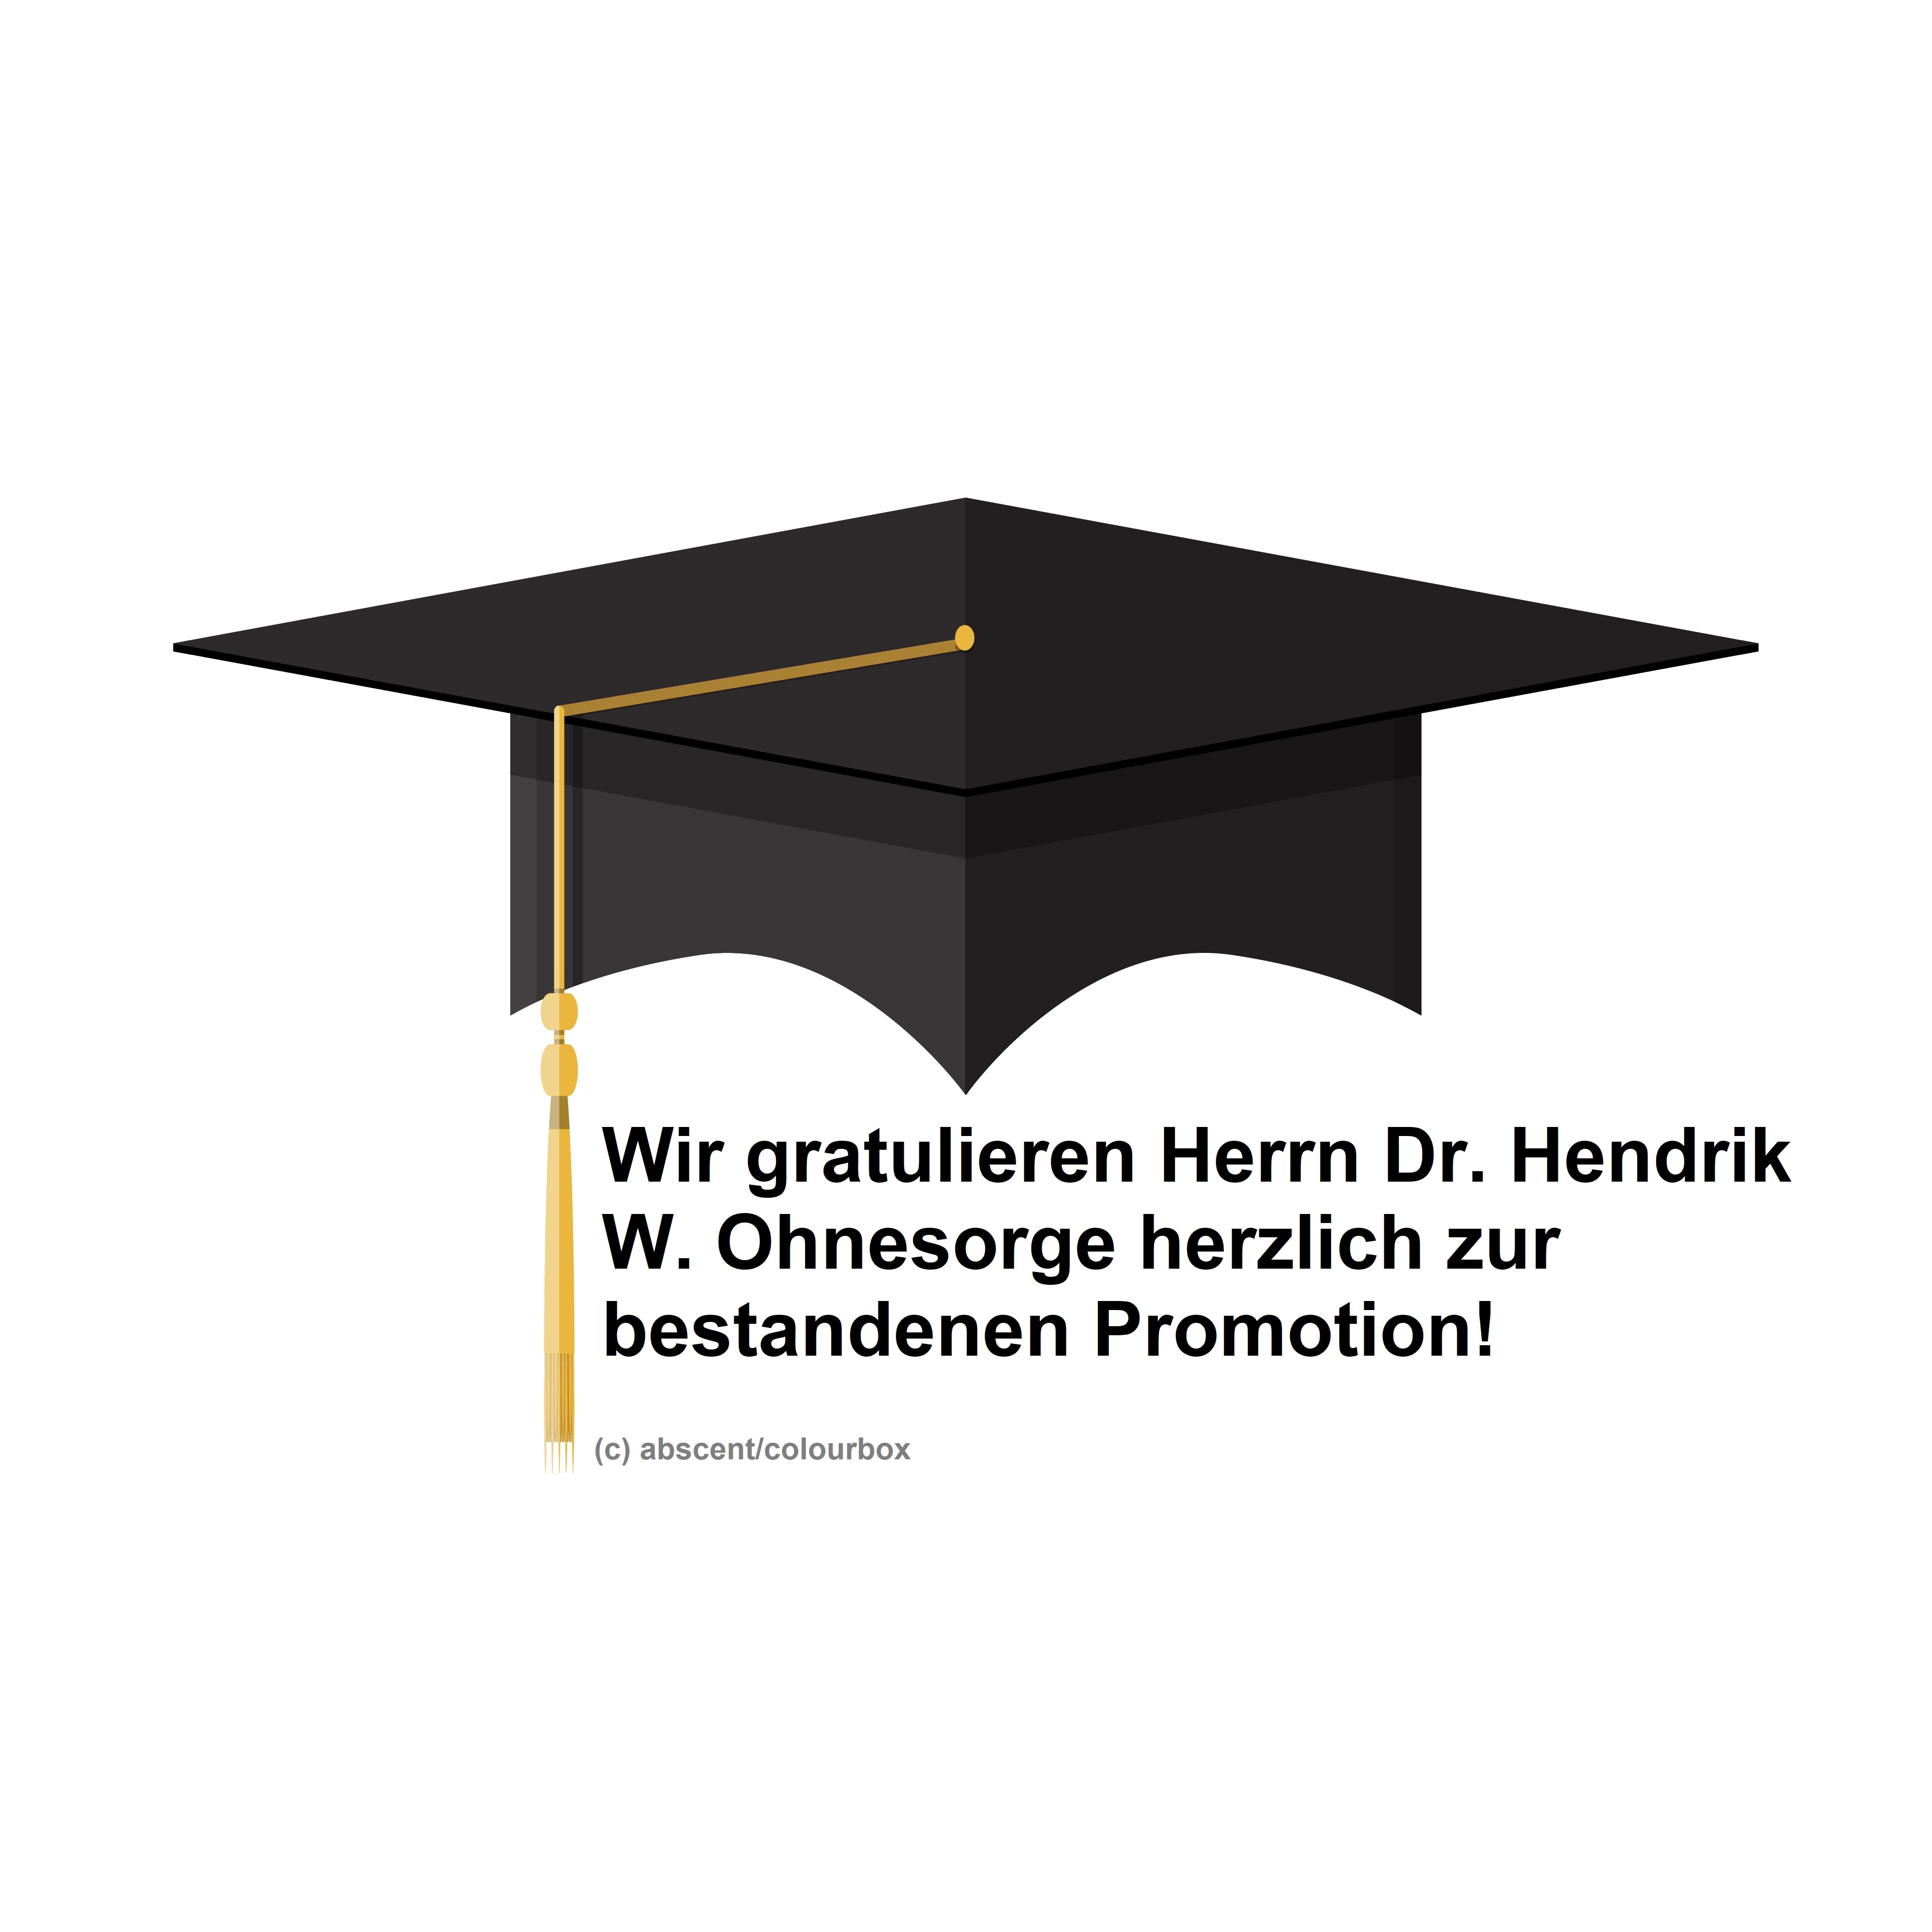 Das CGS gratuliert Herrn Dr. Hendrik W. Ohnesorge!